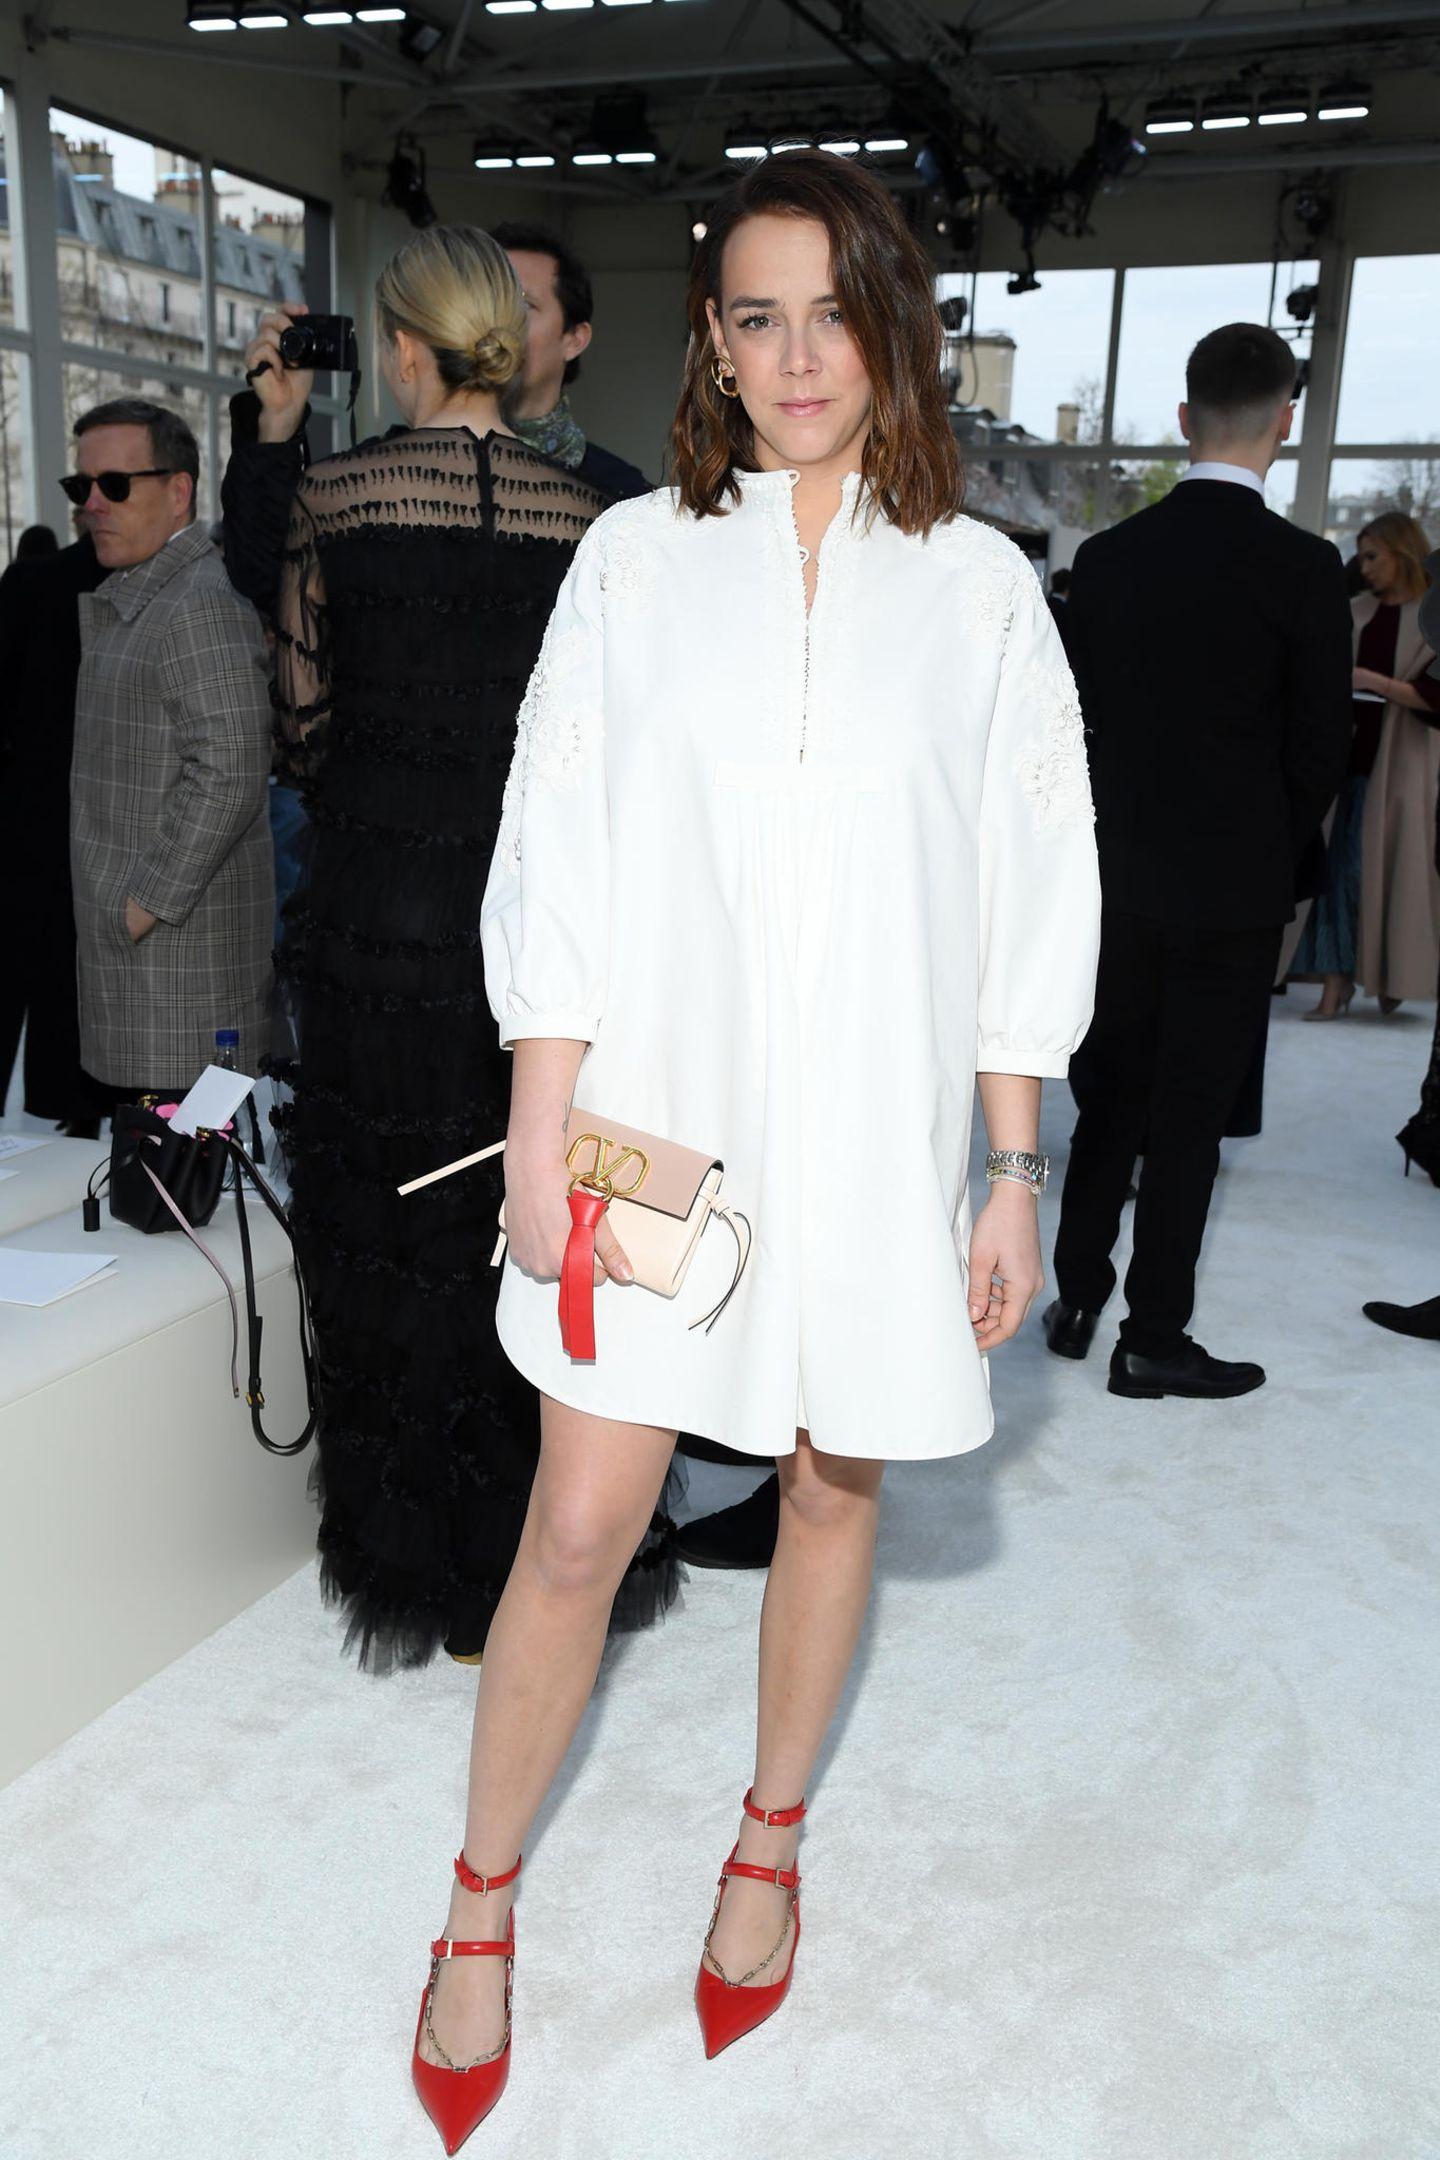 Pauline Ducruet, die Tochter von Prinzessin Stéphanie, posiertwährend der Pariser Fashion Week in einem knappen Blusenkleid von Valentino. In der Hand hält sie eine Clutch mit V-Ring-Logo und knallrotem Bommel. Ob sie das It-Piece bei einer royalen Kollegin gesehenhat?